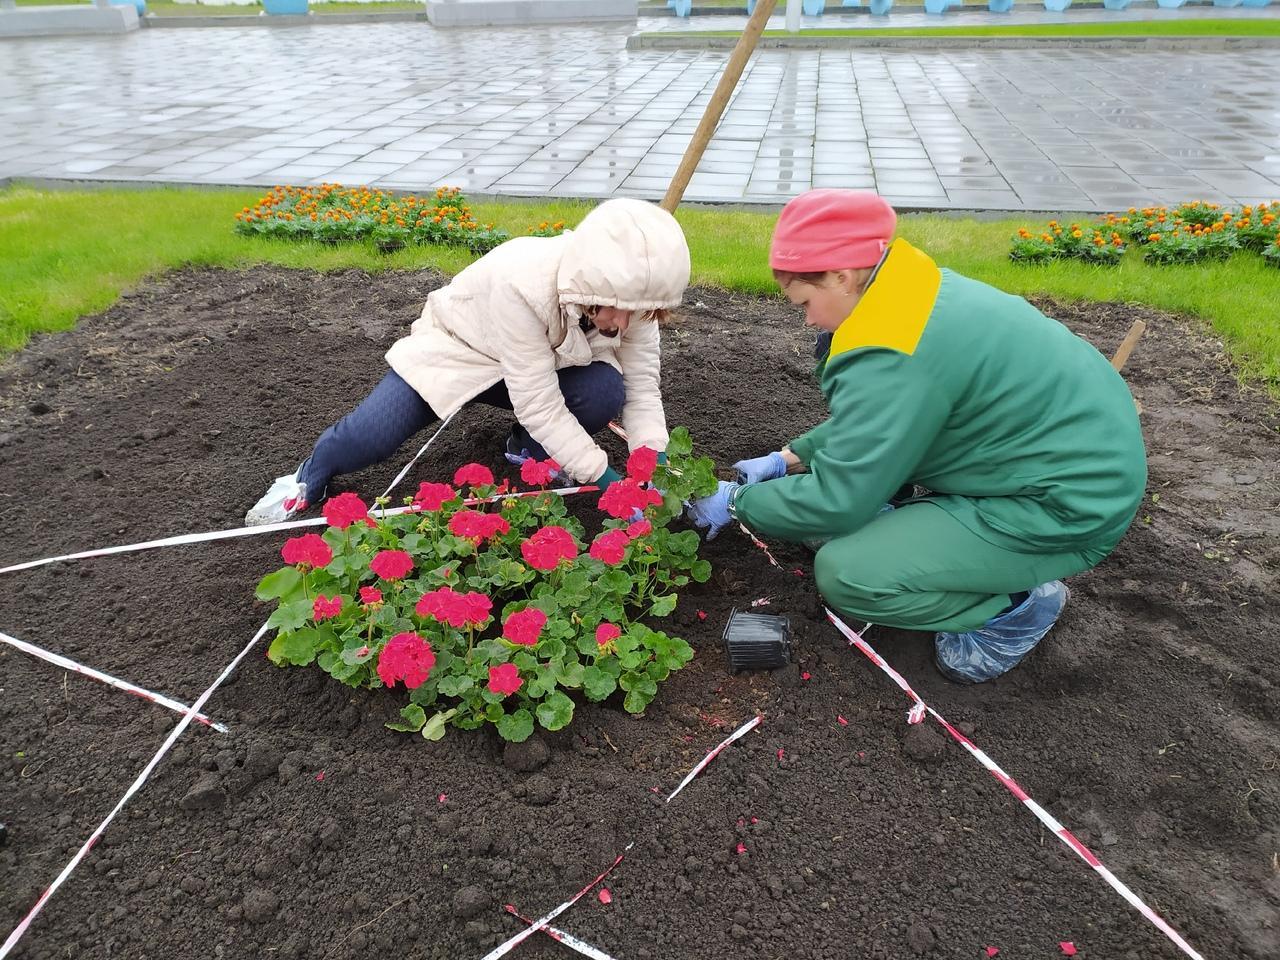 Фото В Новосибирске начали высаживать цветы на клумбах 3